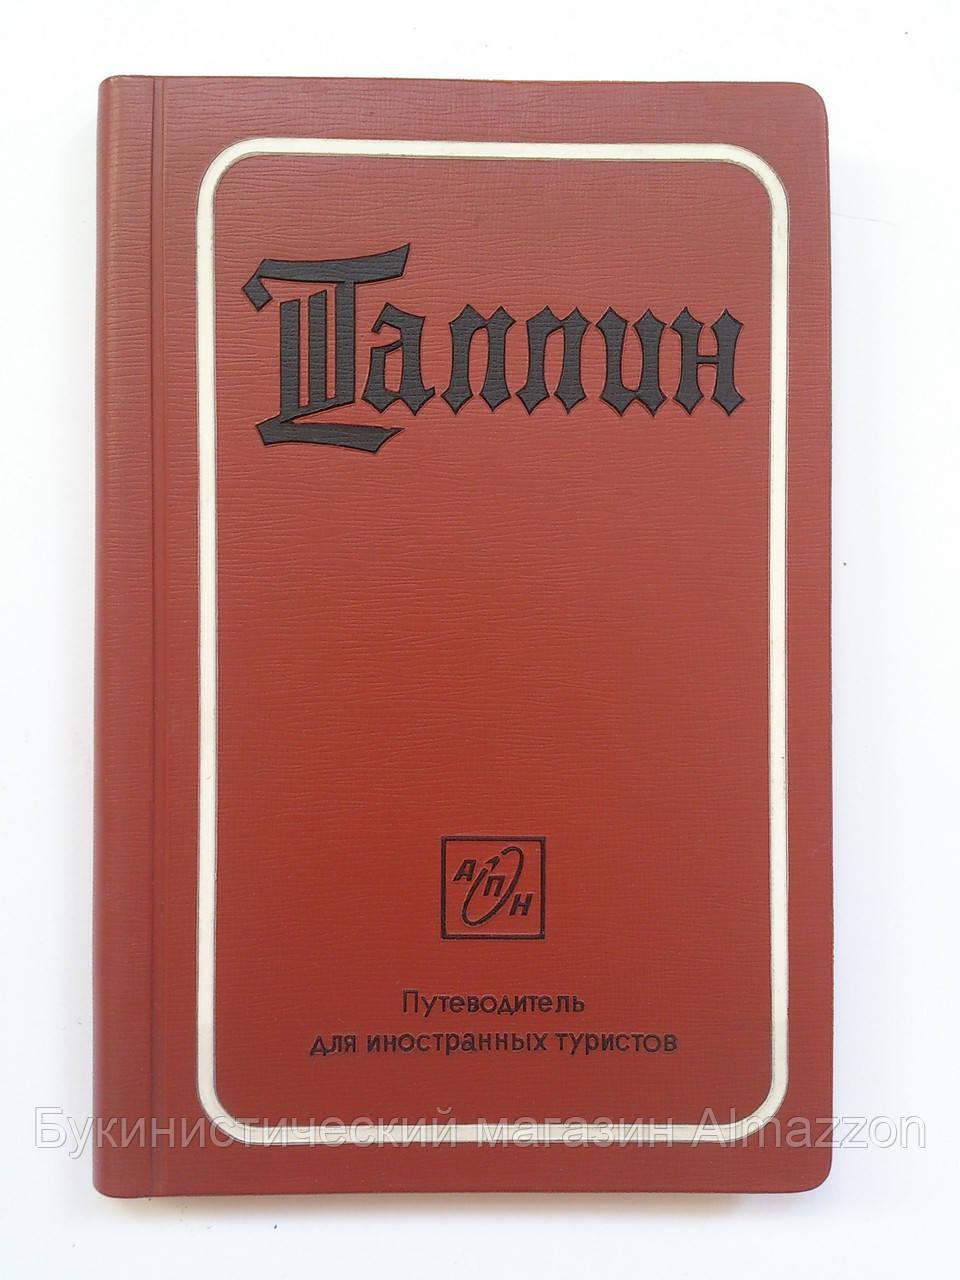 """Томберг Тамара. """"Таллин. Путеводитель для иностранных туристов"""" 1971 год"""